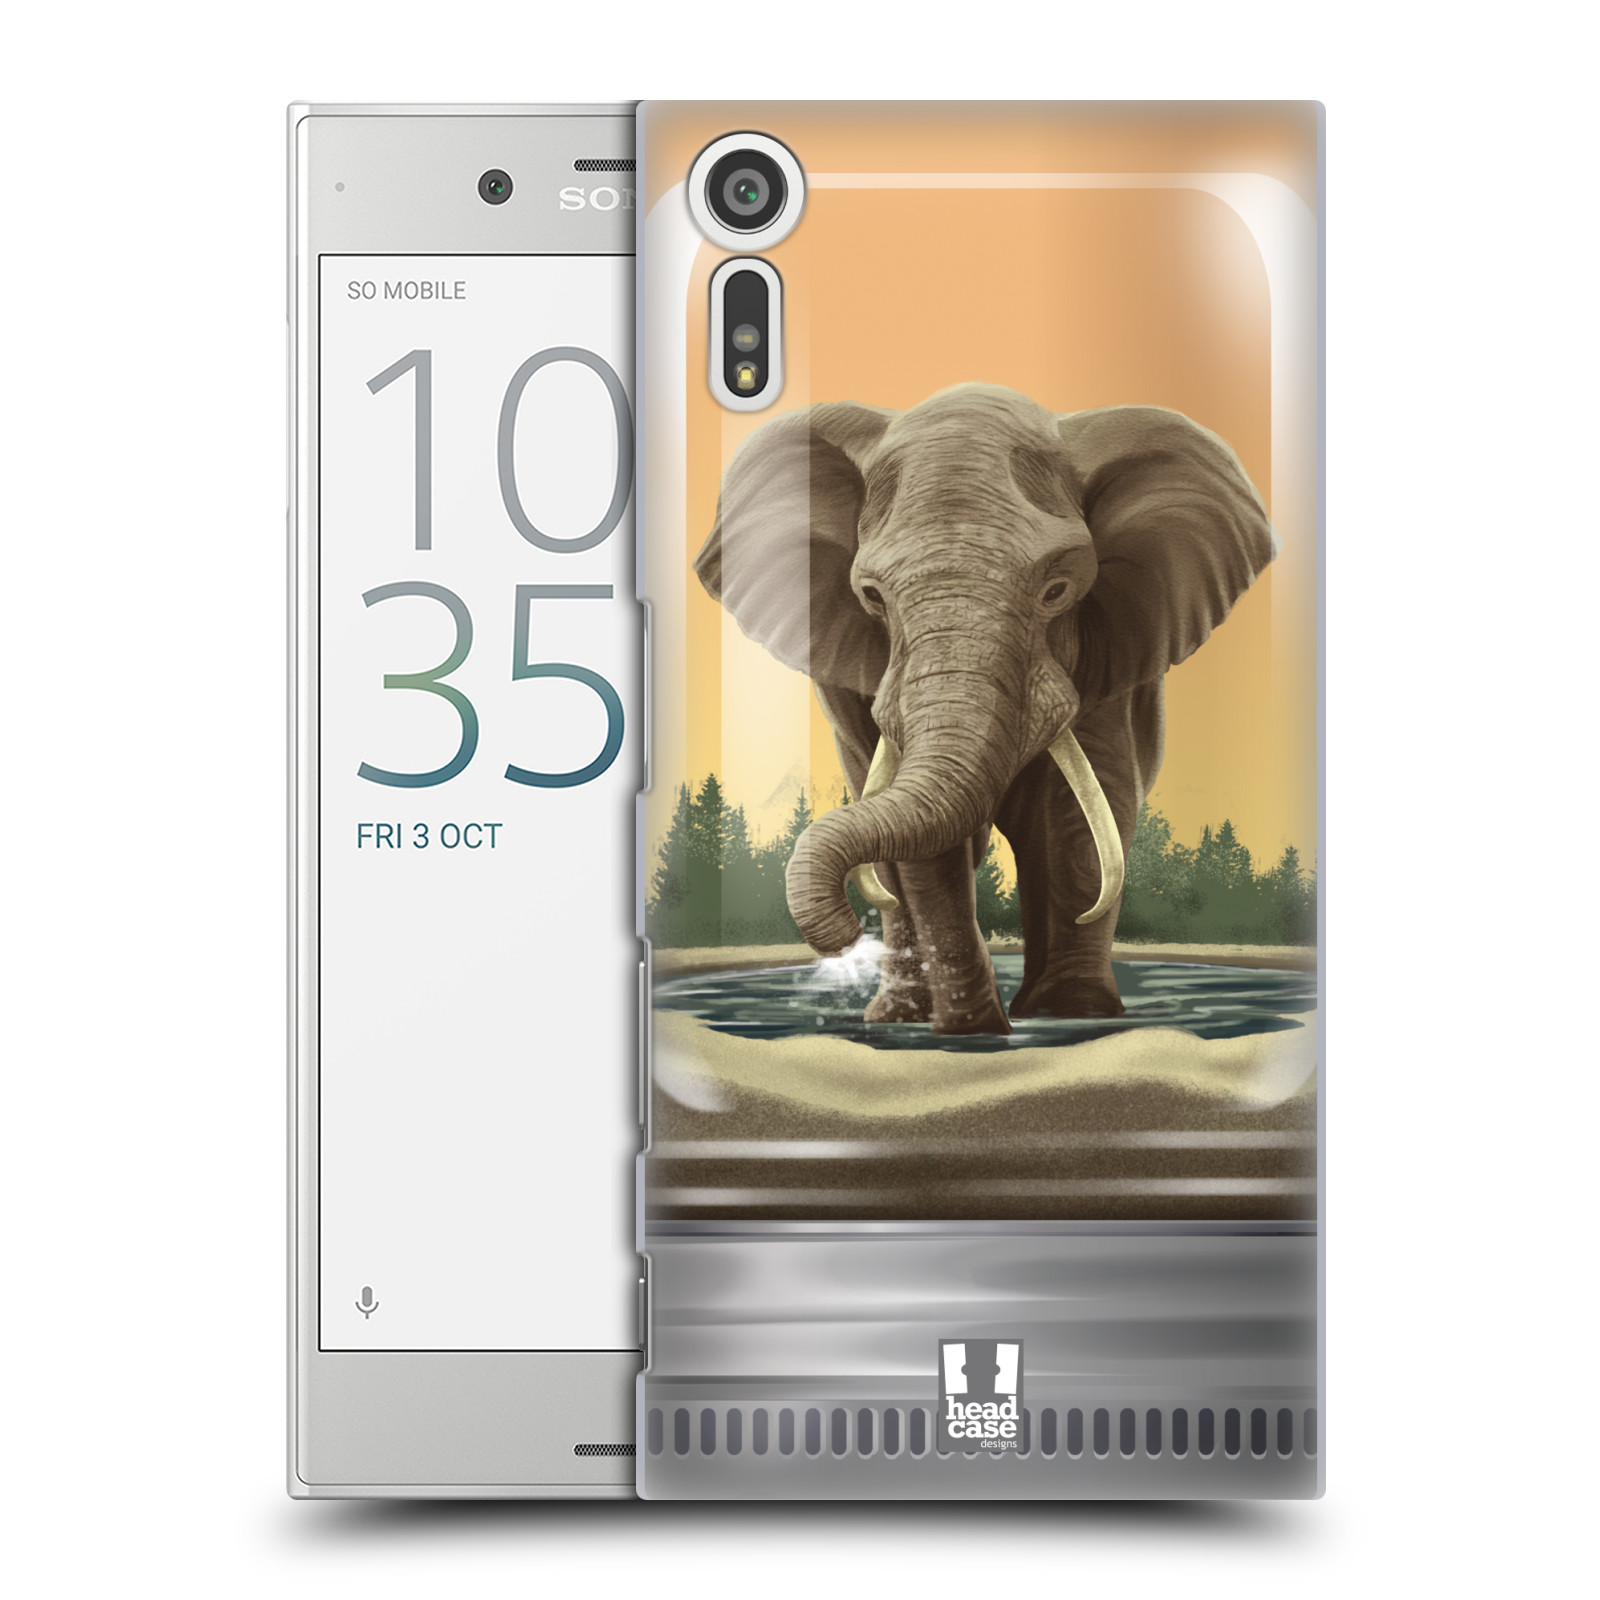 HEAD CASE plastový obal na mobil Sony Xperia XZ vzor Zvířátka v těžítku slon